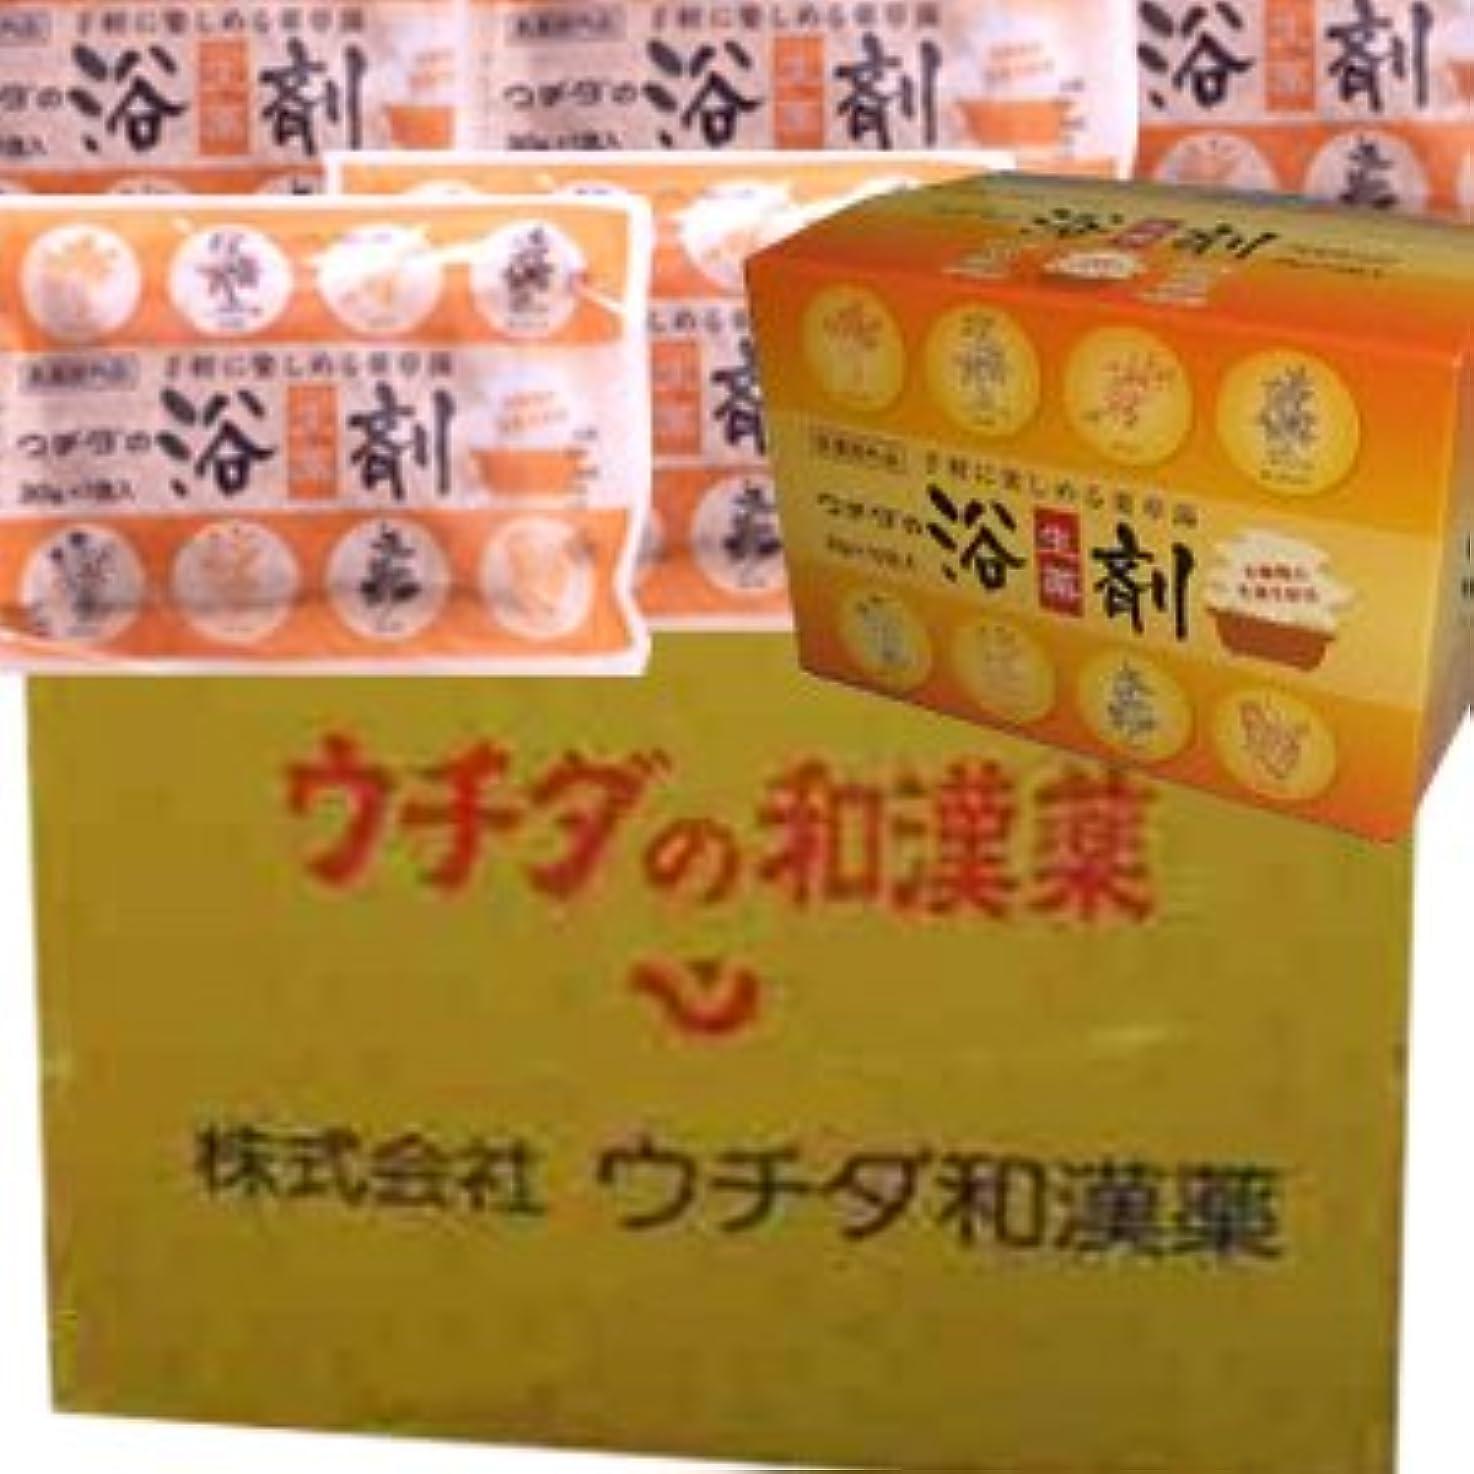 勇者不機嫌毎月【12個1ケース】 ウチダの浴剤 30g×10袋入×12個+6袋 (4987359400025)